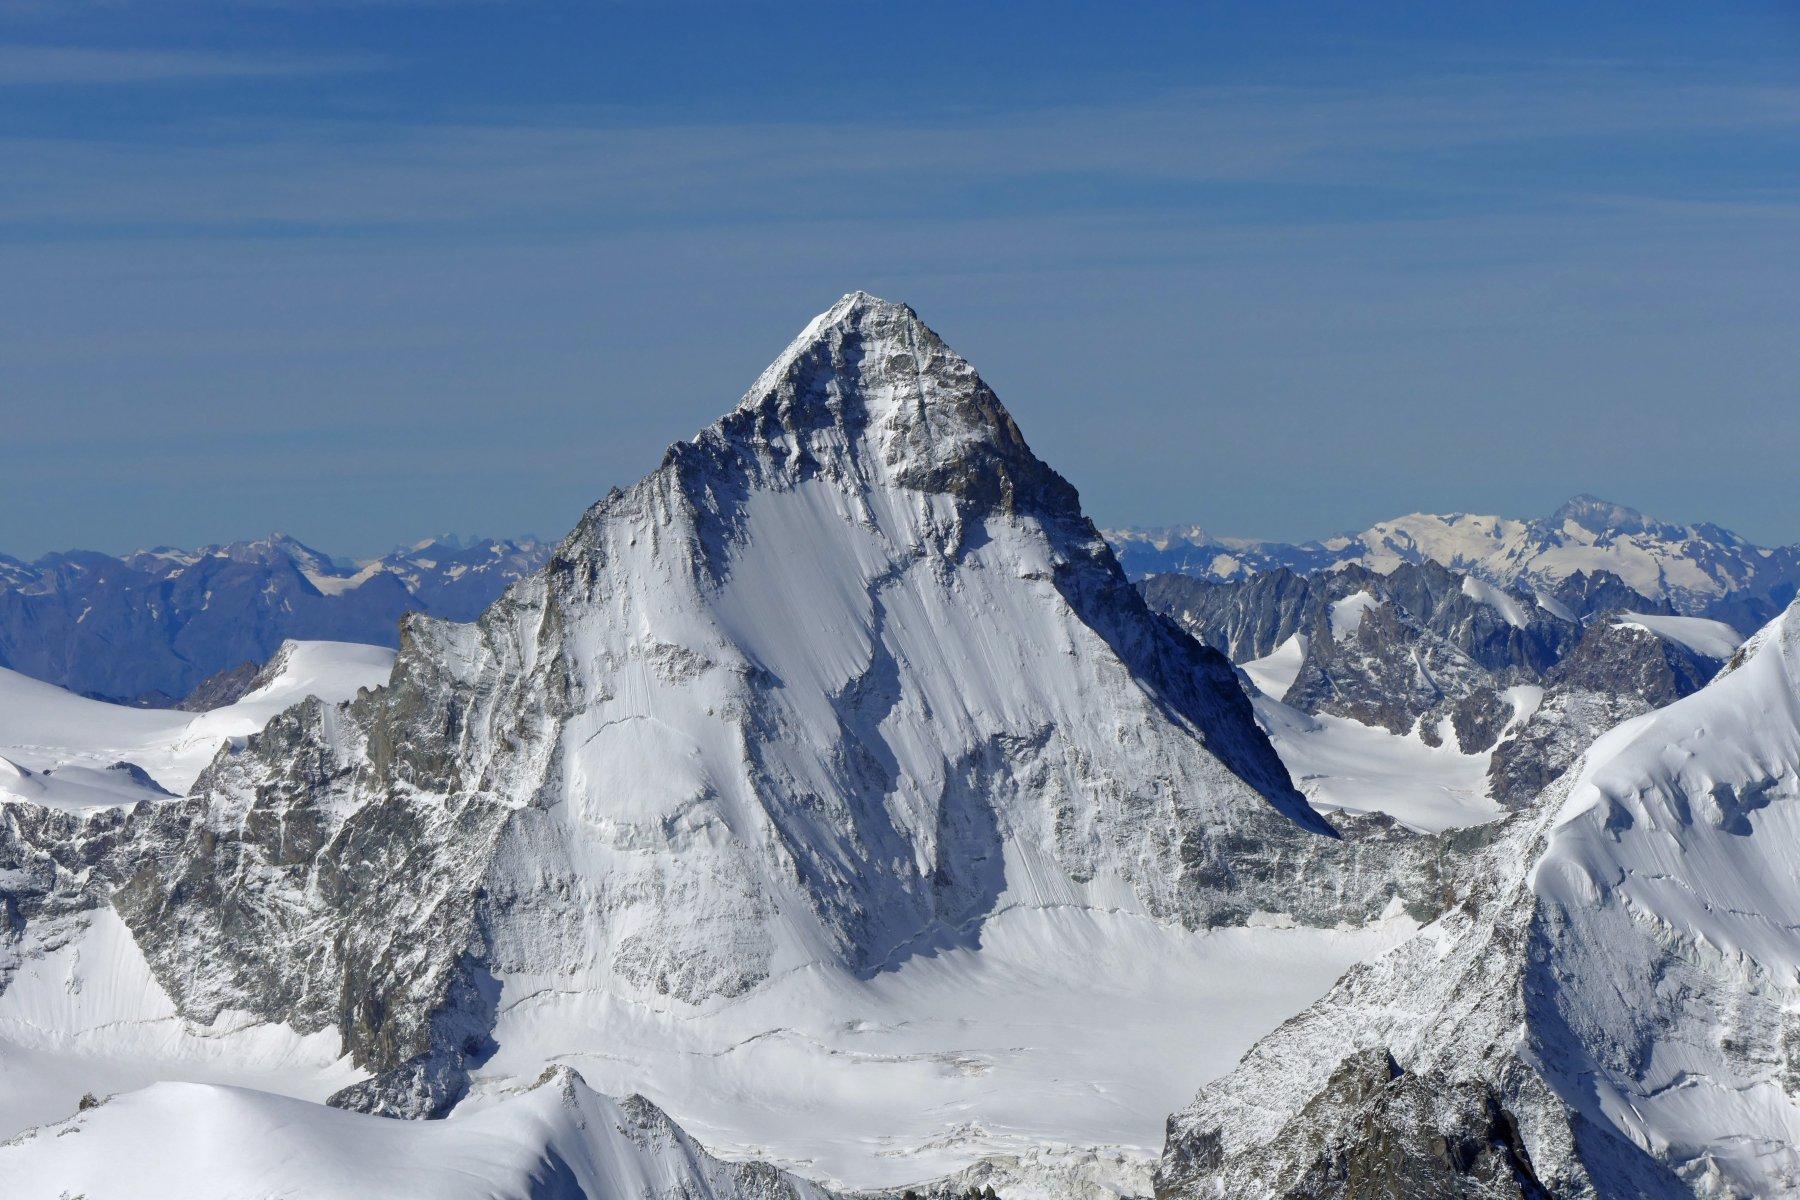 La spettacolare piramide della Dent Blanche 4357 metri